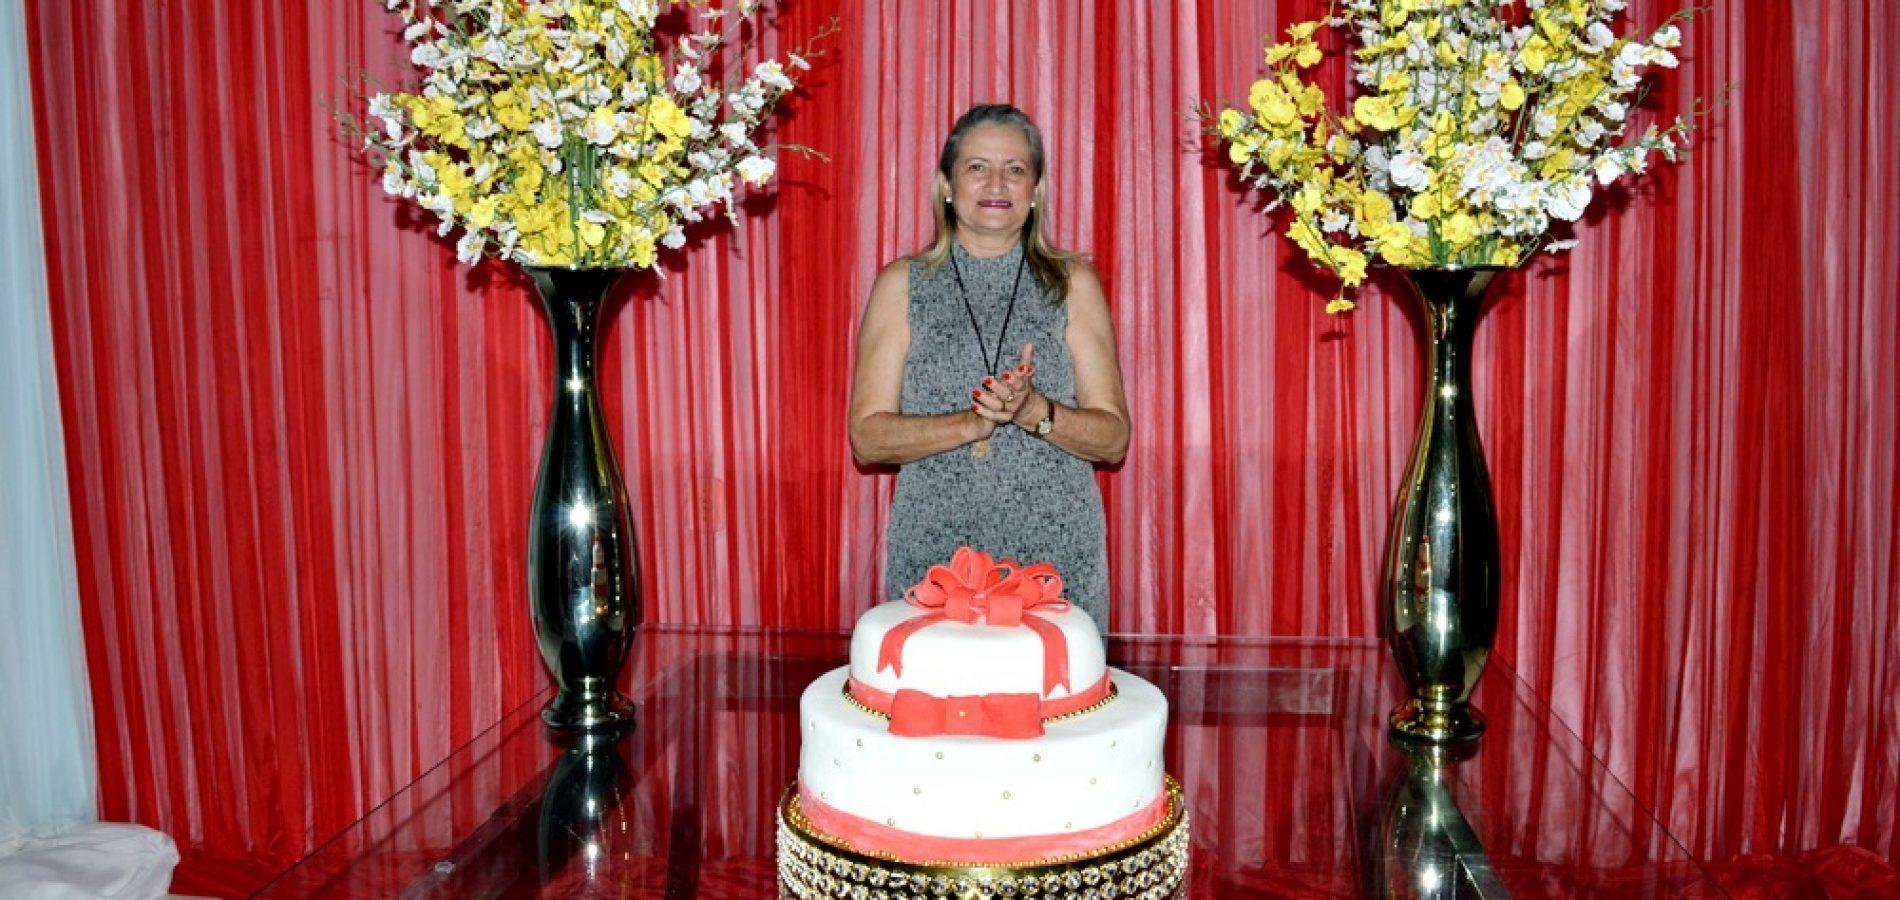 GENTE EM EVIDÊNCIA | Evento organizado por amigos e familiares comemora aniversário da primeira dama de Vila Nova